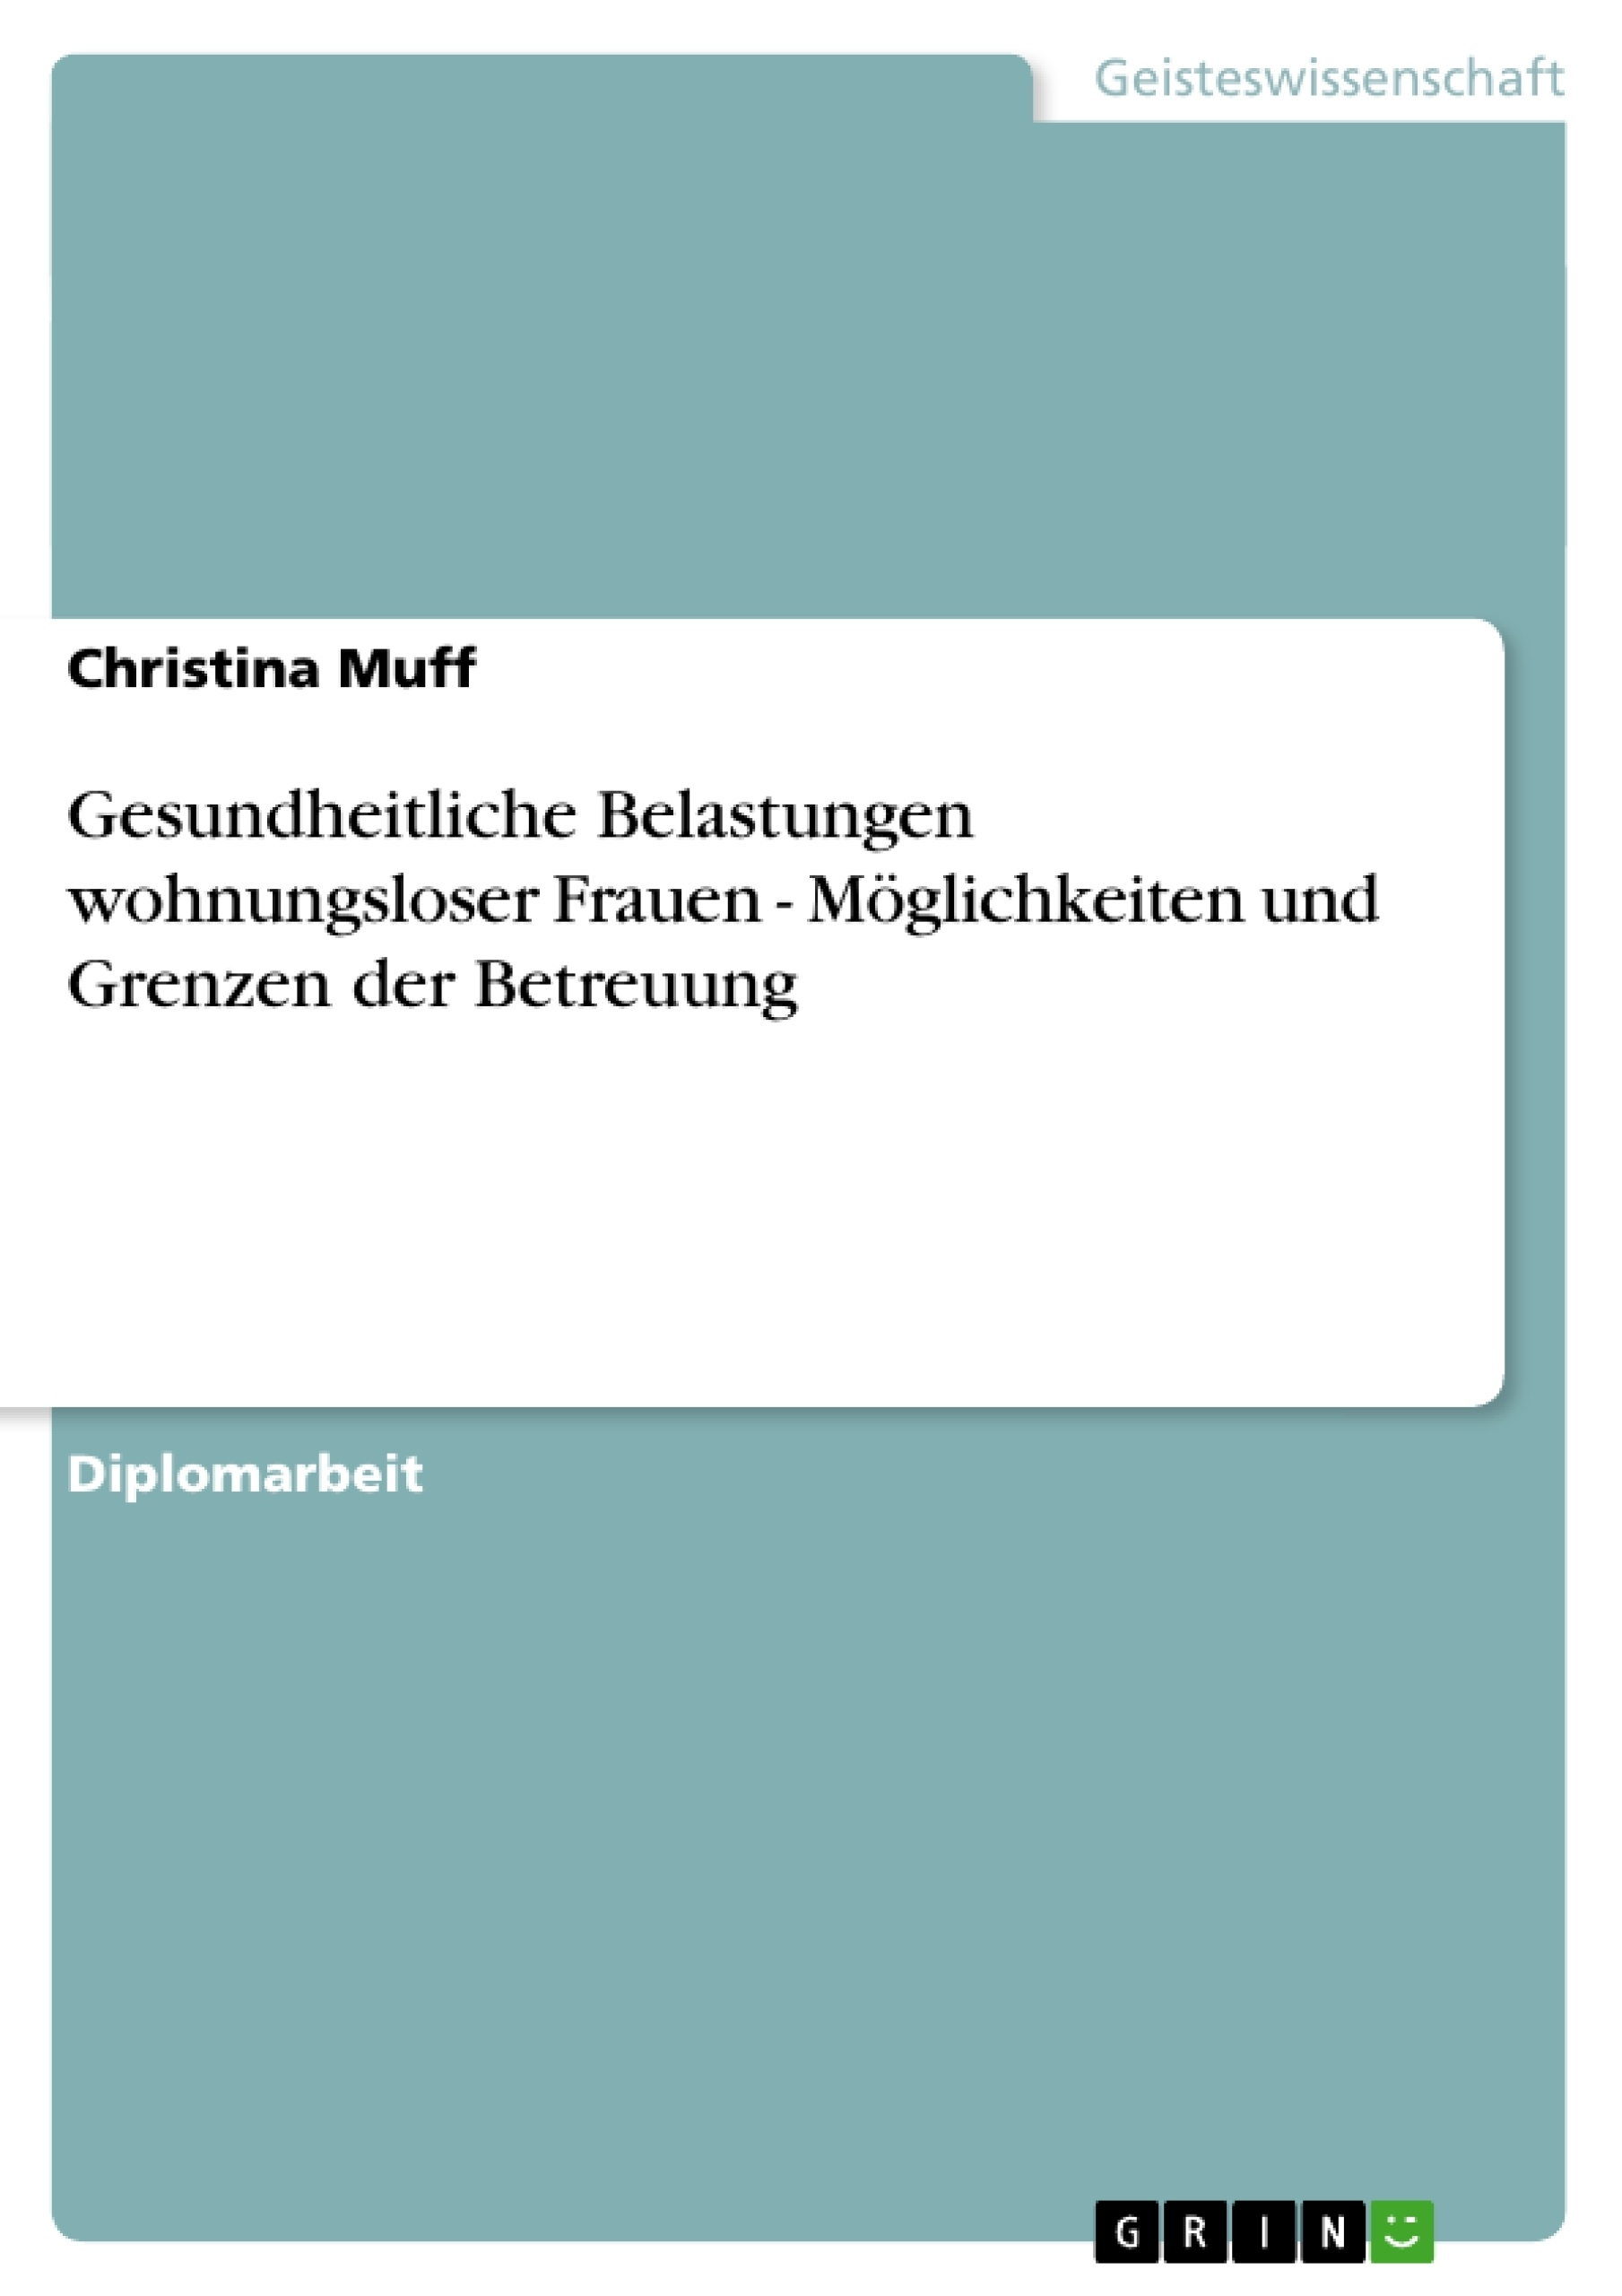 Titel: Gesundheitliche Belastungen wohnungsloser Frauen - Möglichkeiten und Grenzen der Betreuung